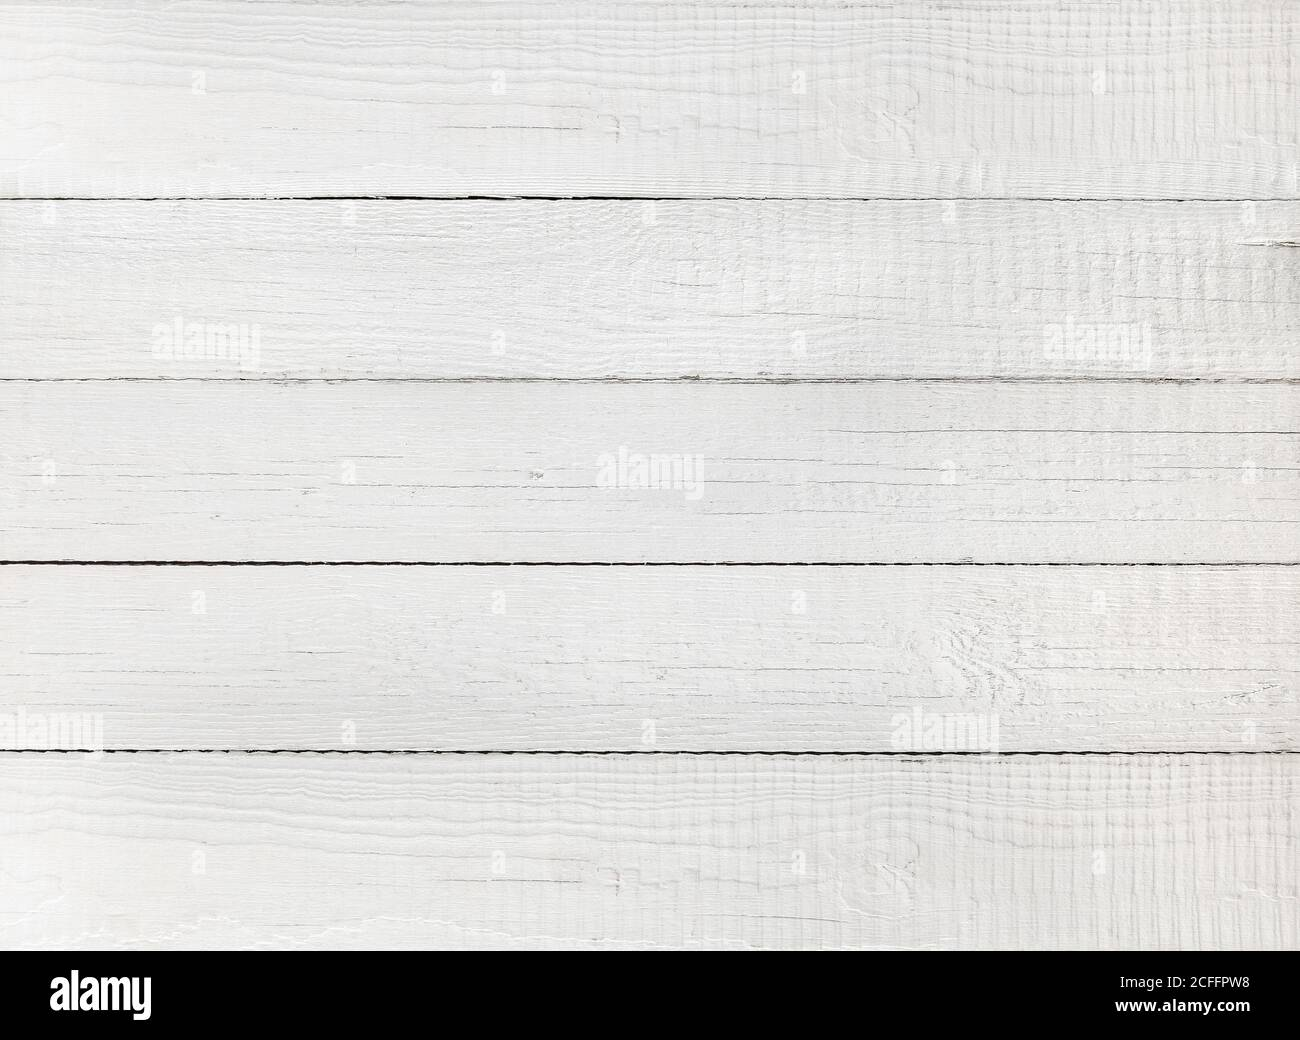 Weiß gefärbter Holzhintergrund mit natürlicher Textur. Digitalpapier Stockfoto